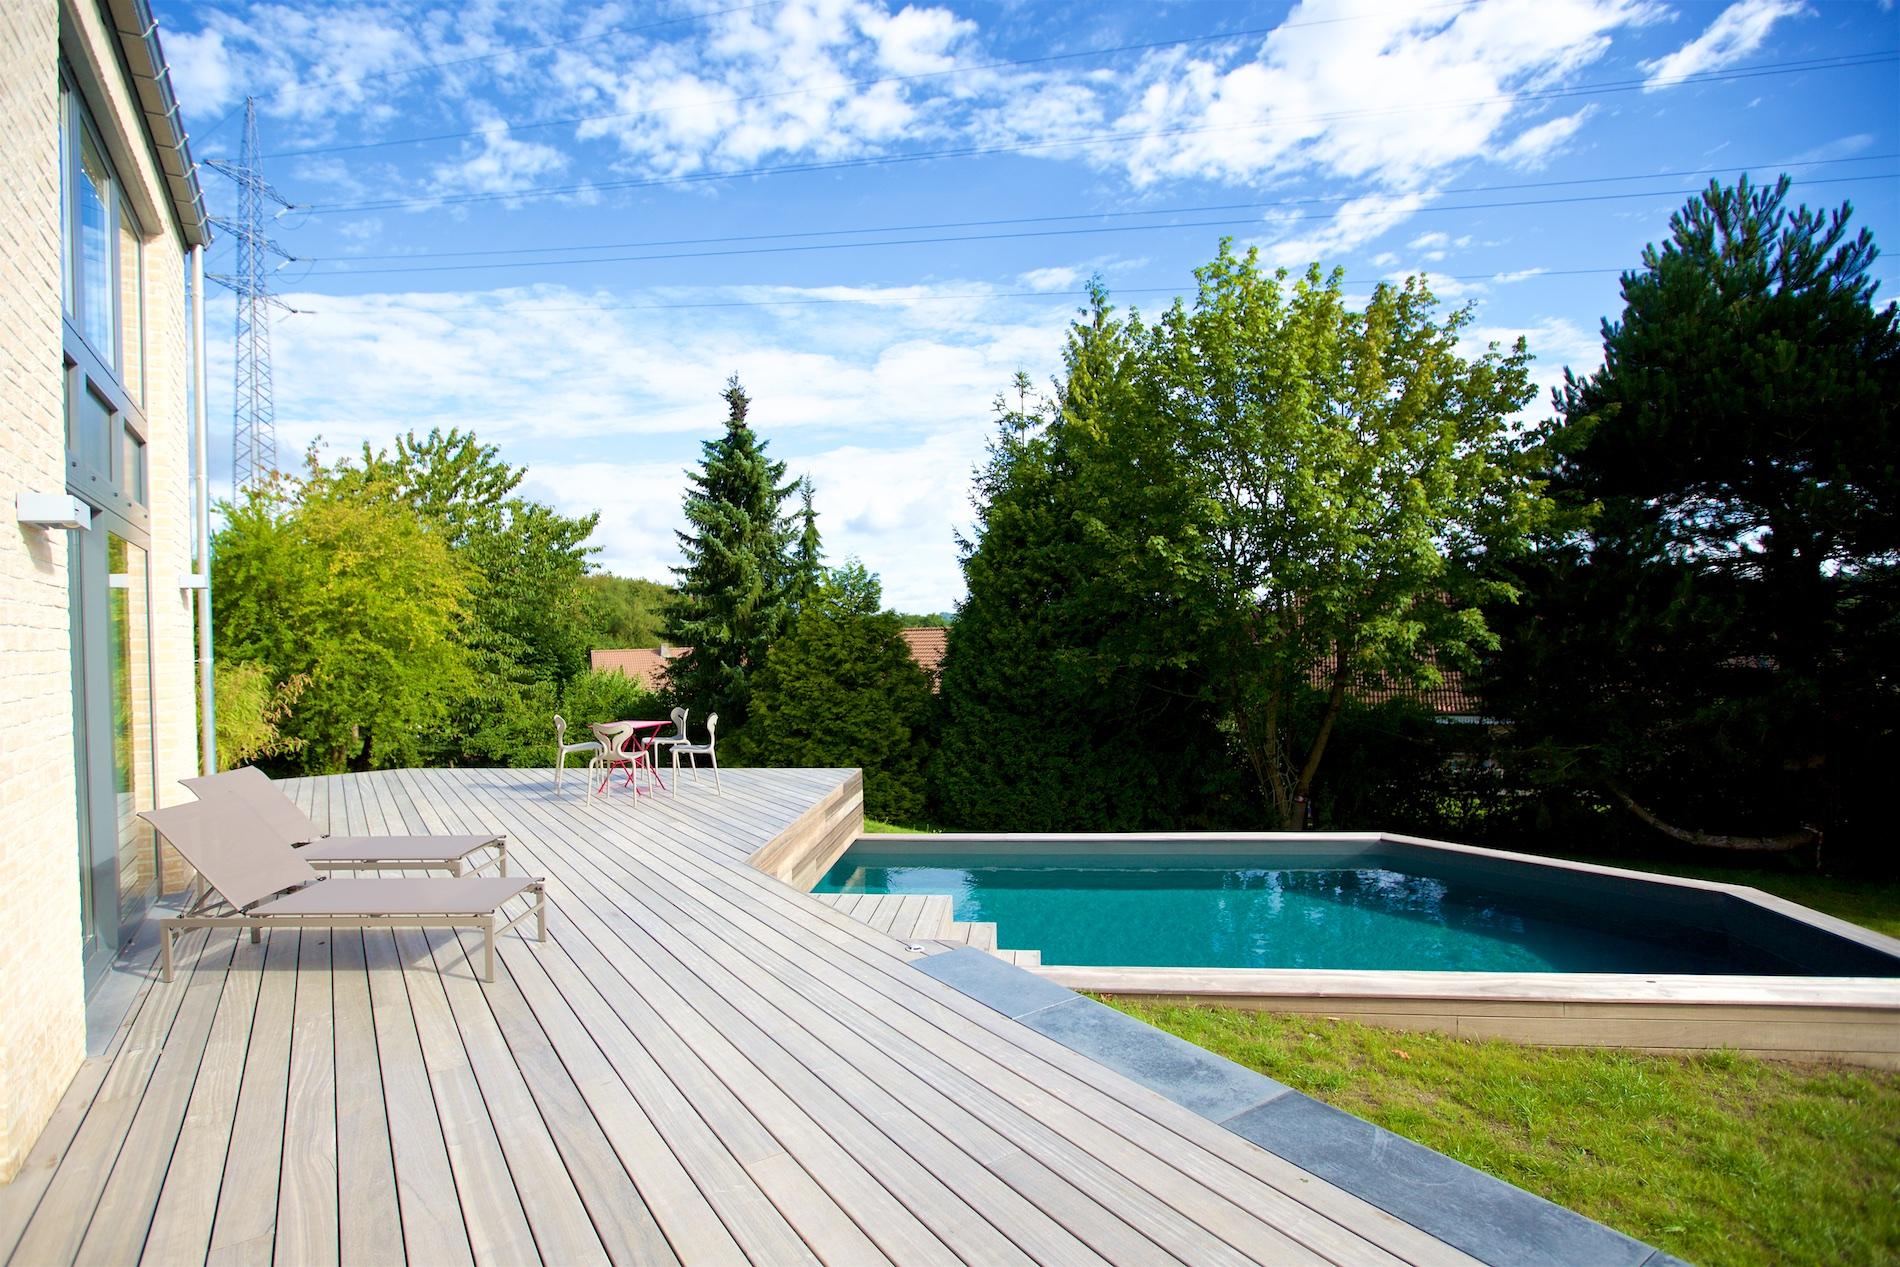 Maison novirtua 1 8 novirtua for Accessoire piscine namur